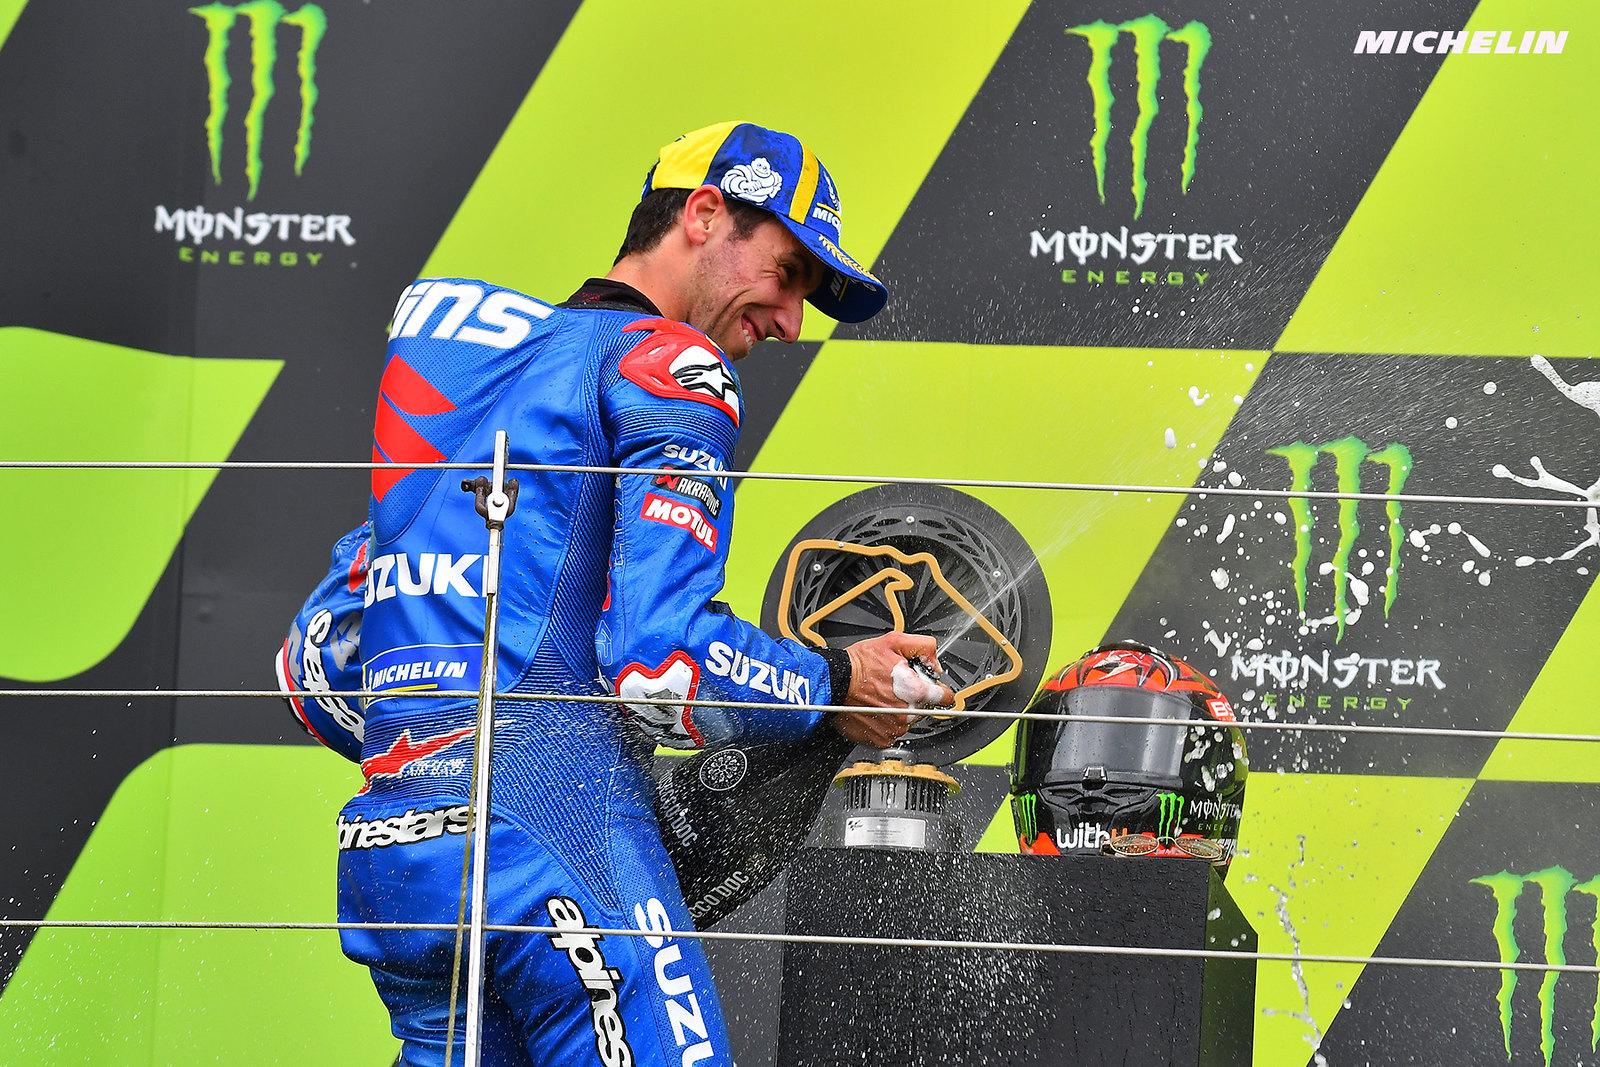 MotoGP2021イギリスGP 2位アレックス・リンス「表彰台獲得出来るレベルだと証明出来た」